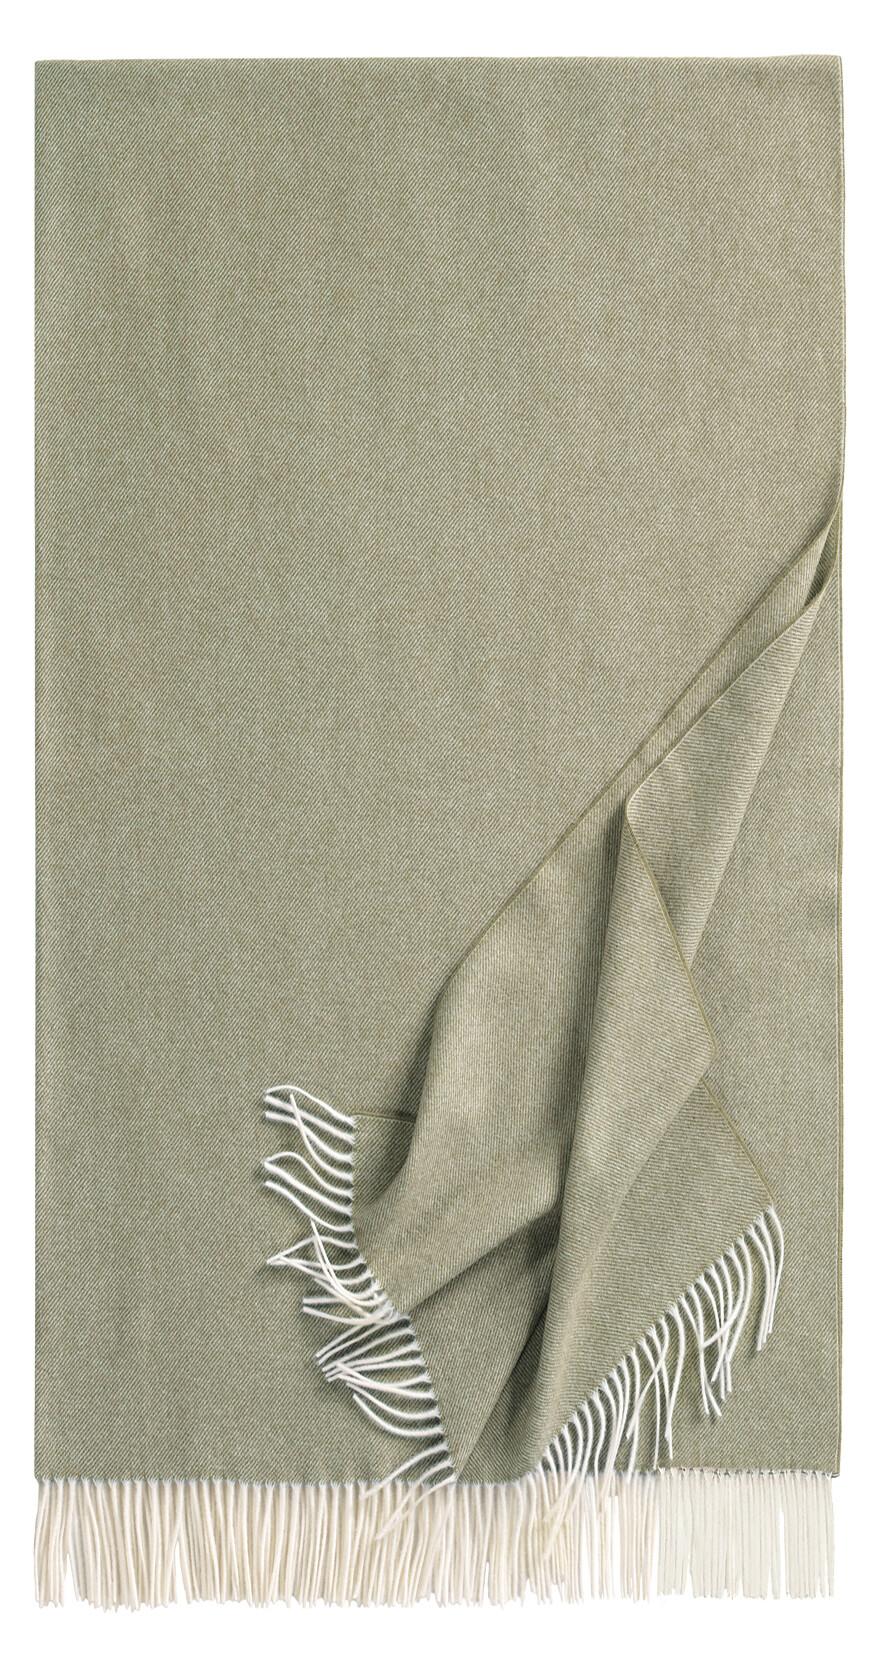 Bild von 012-0045-188, Variante khaki